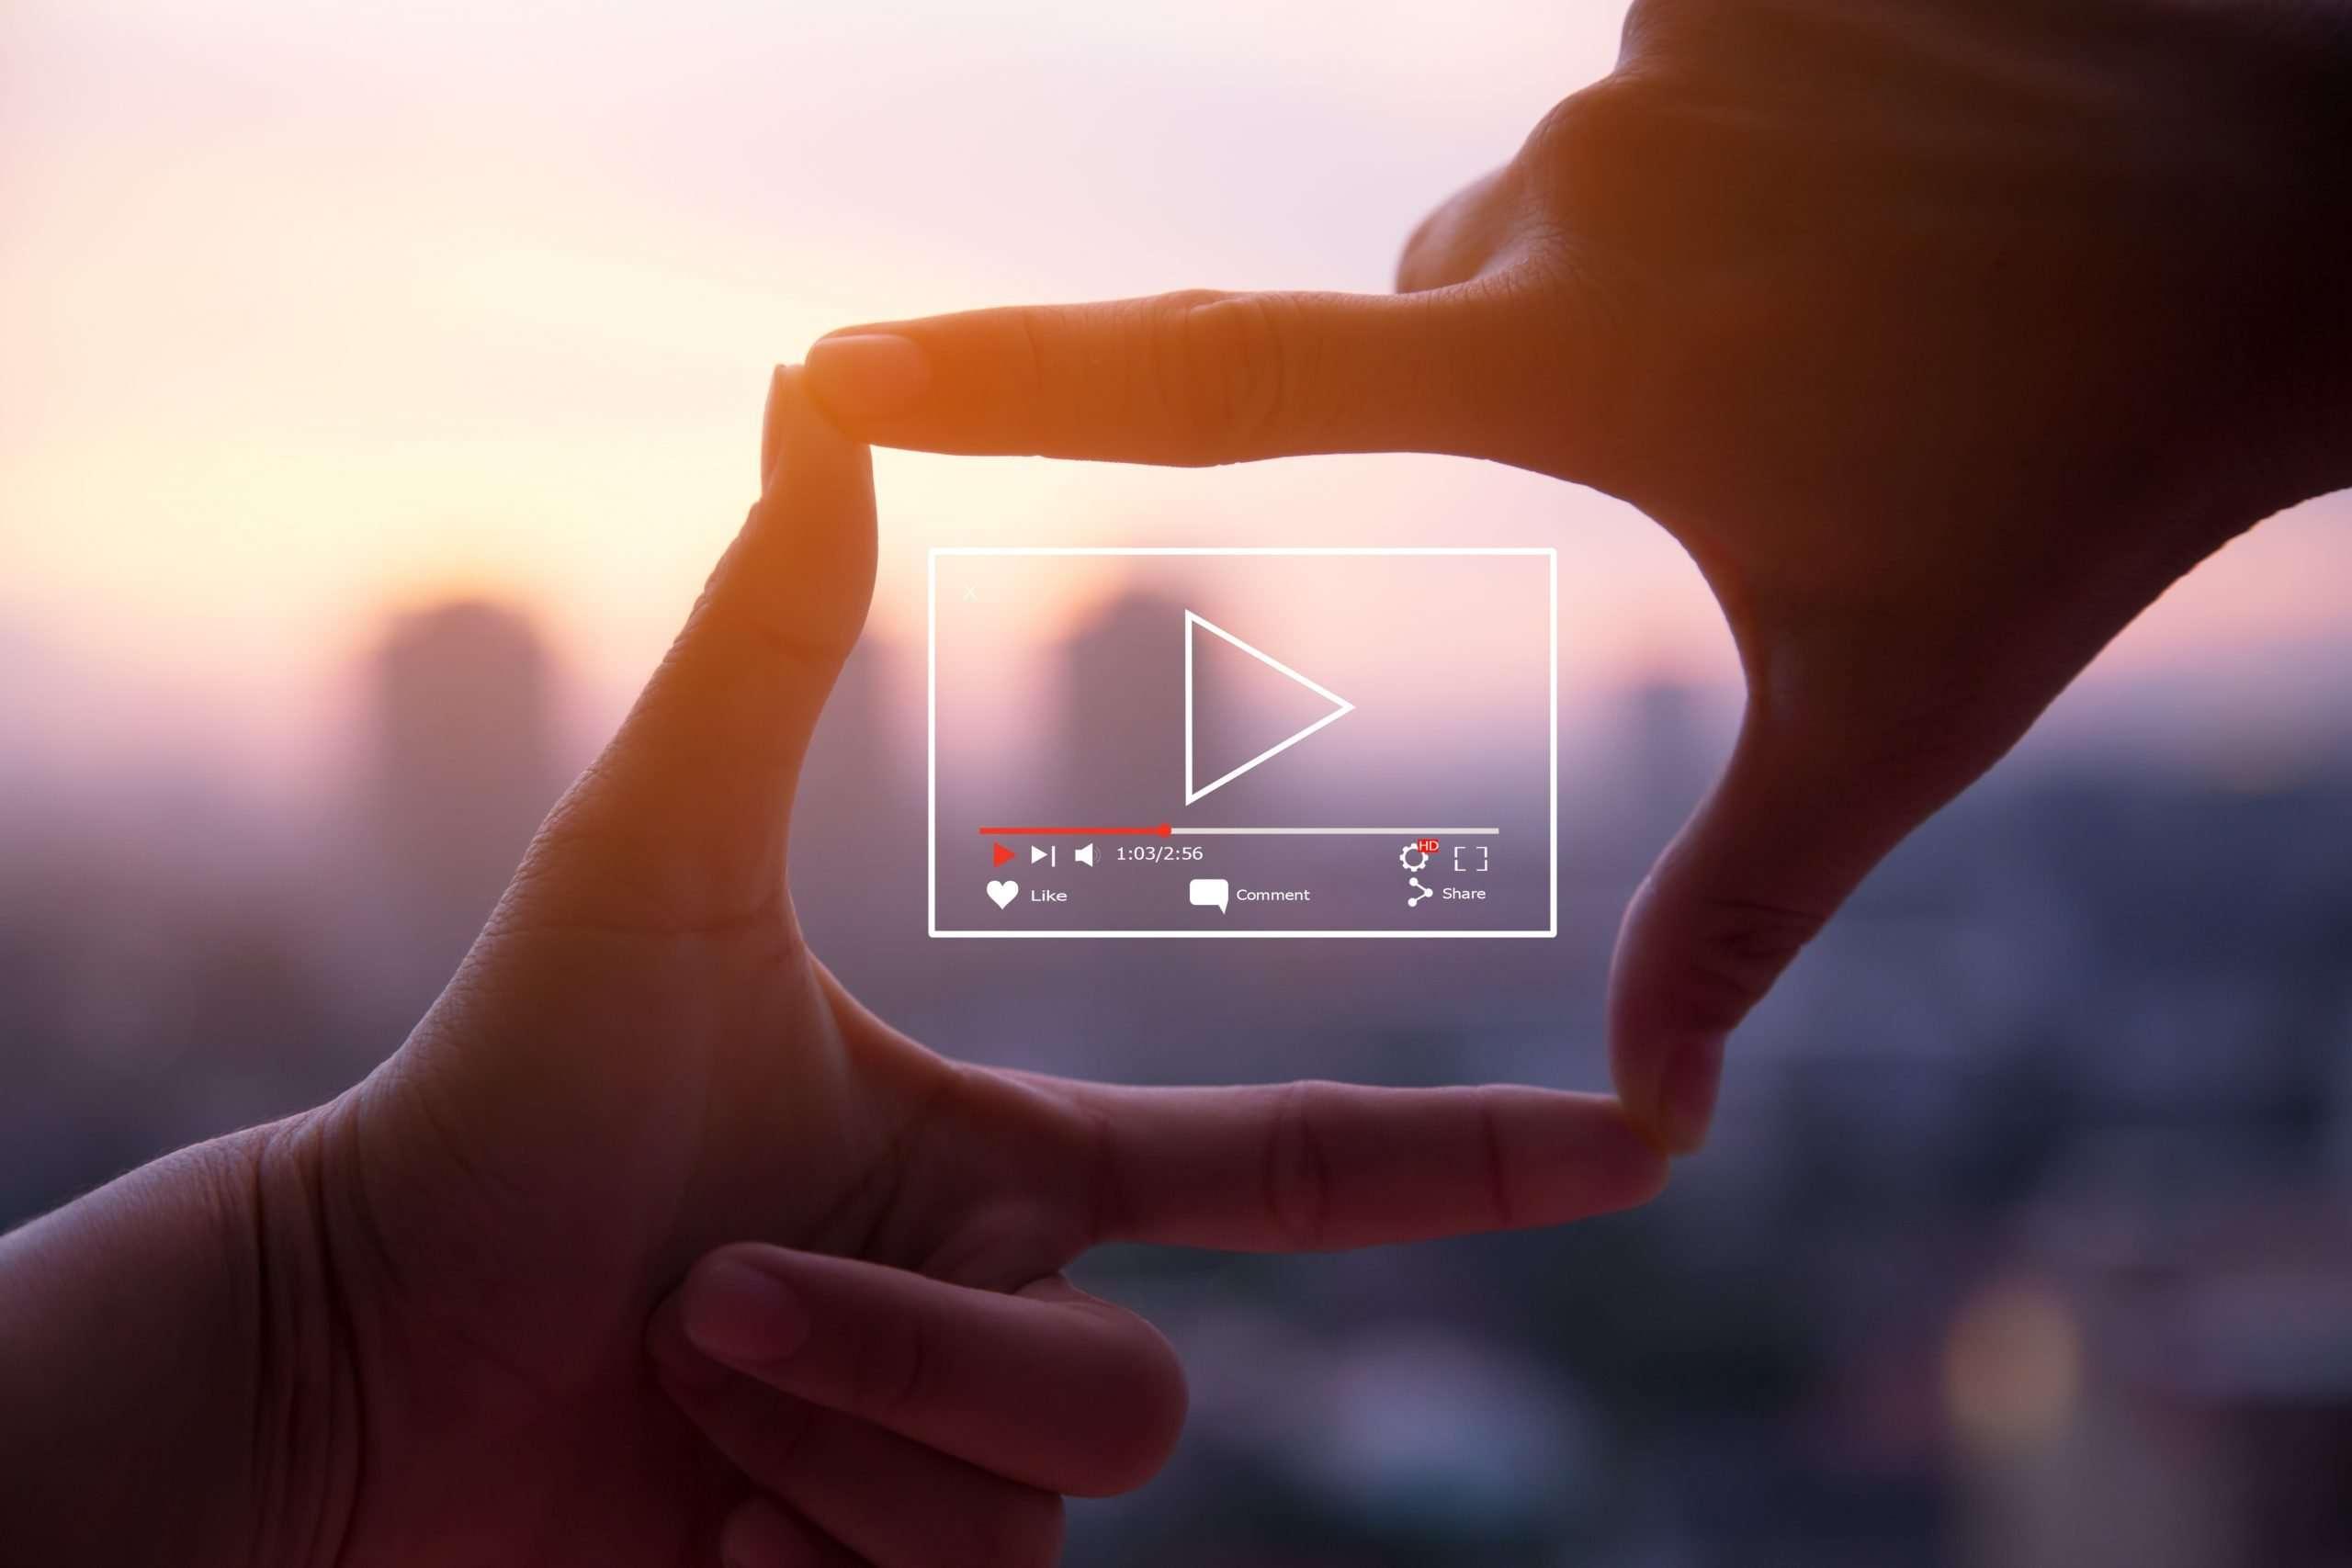 Le marketing vidéo, est-ce que ça marche vraiment ?